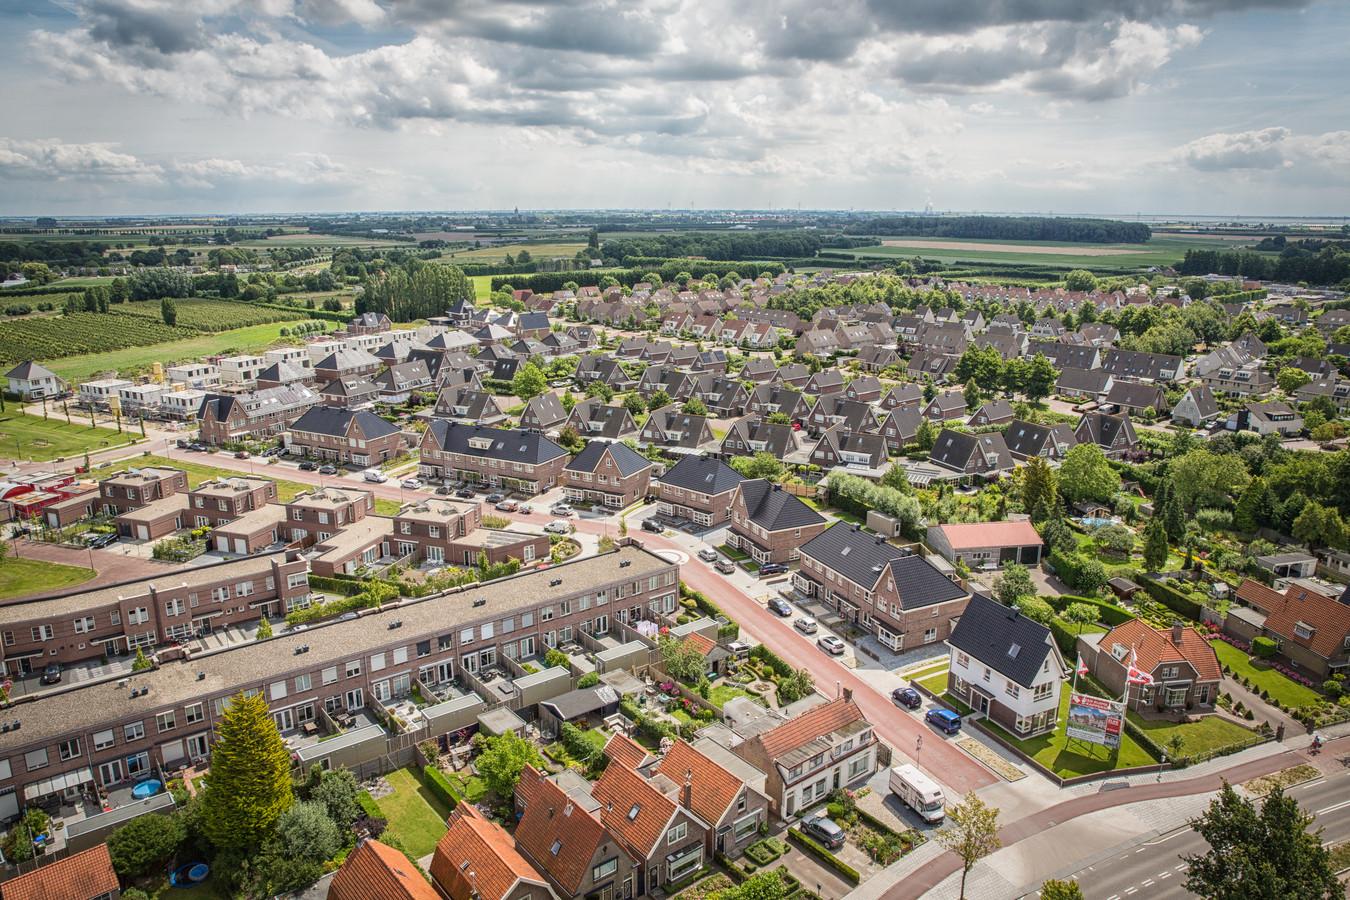 De nieuwbouwwijk Riethoek, gezien vanaf de Goese watertoren.